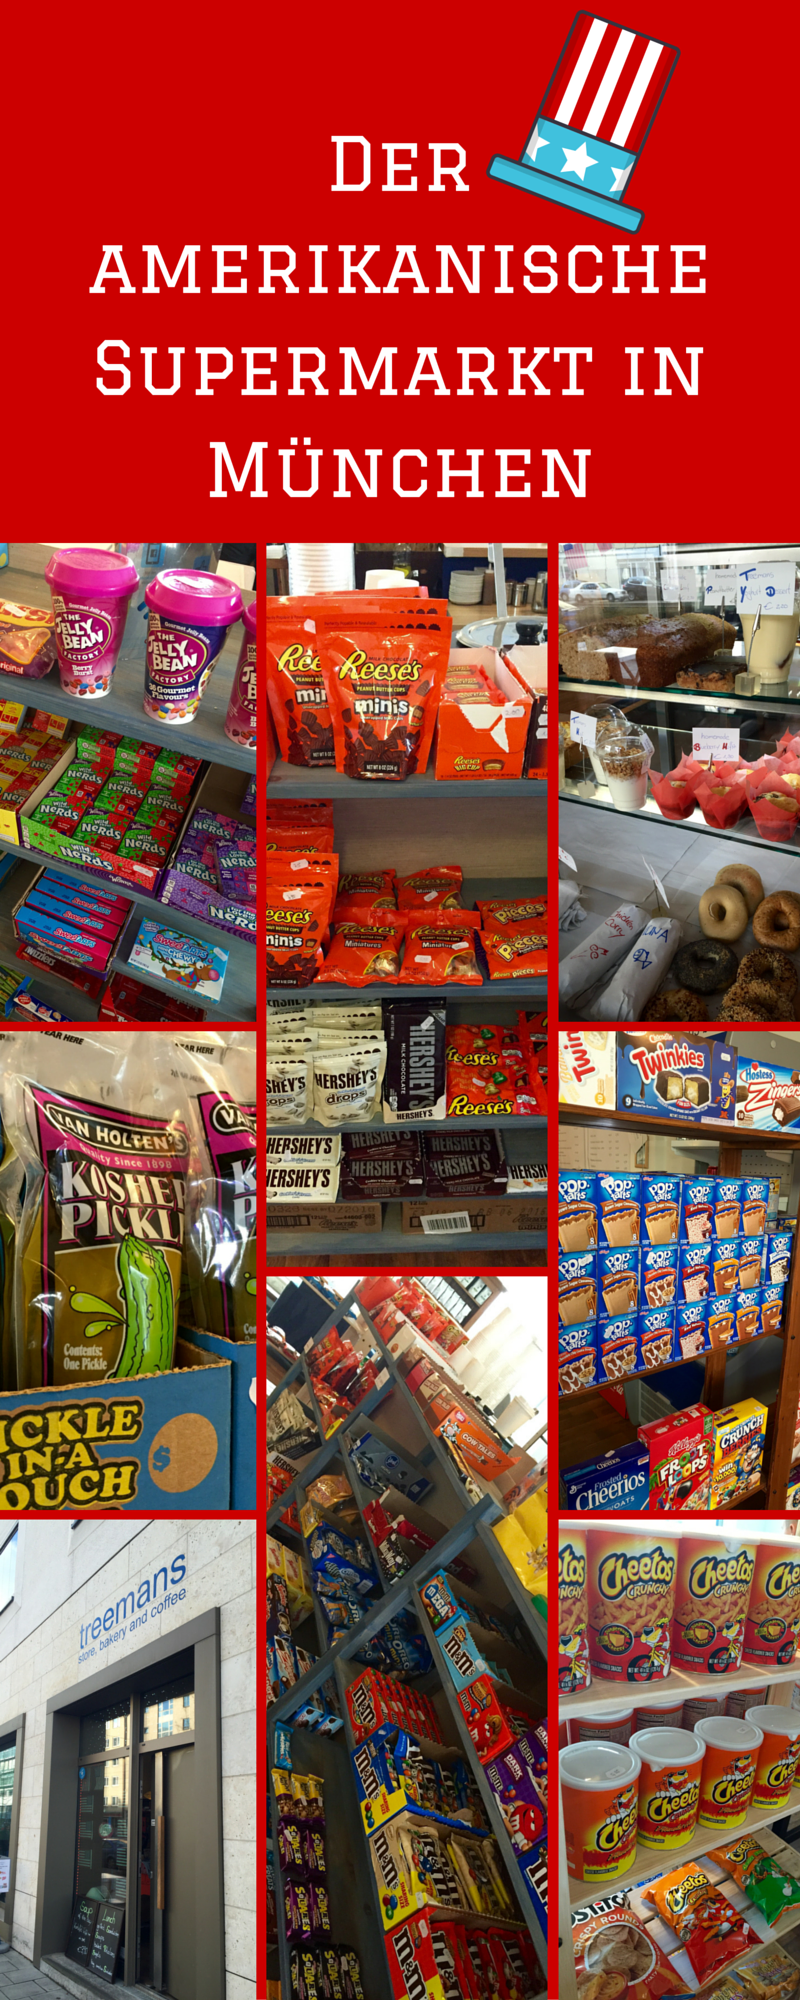 Amerikanische Lebensmittel In Munchen Kaufen American Supermarket Munchen Supermarkt Lebensmittel